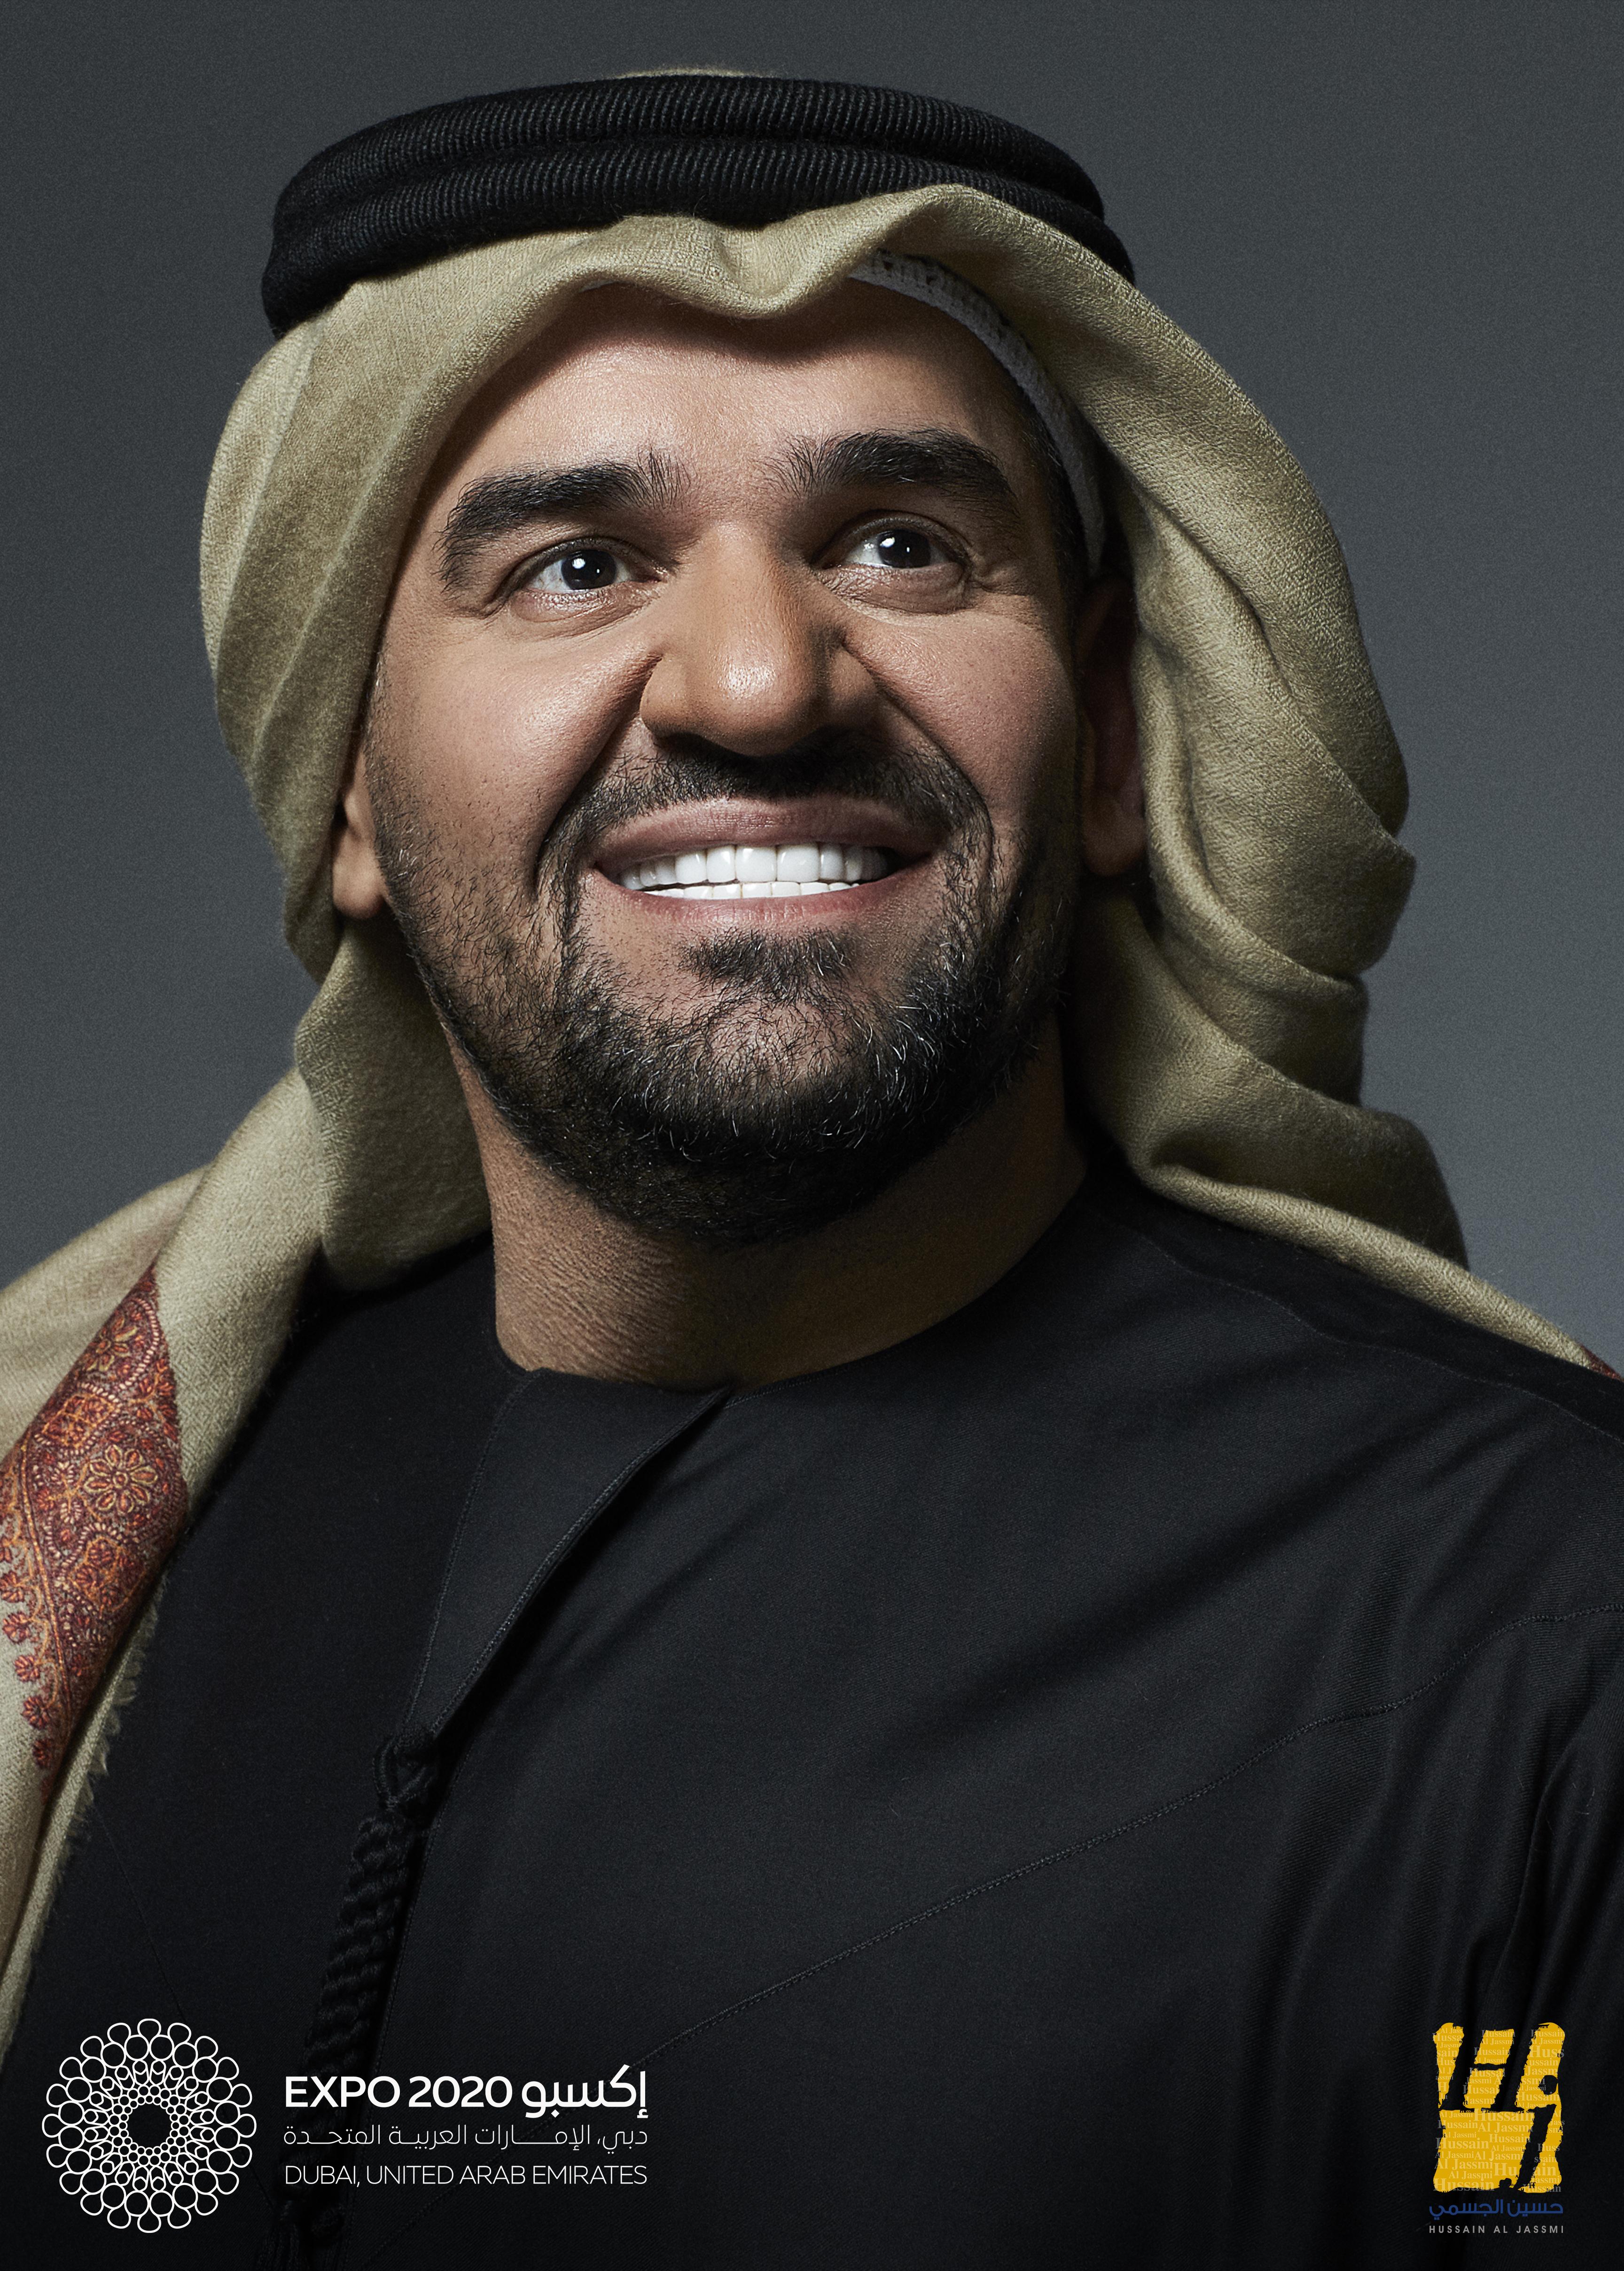 صورة الفنان حسين الحسمي سفيرا لاكسبو 2020 دبي